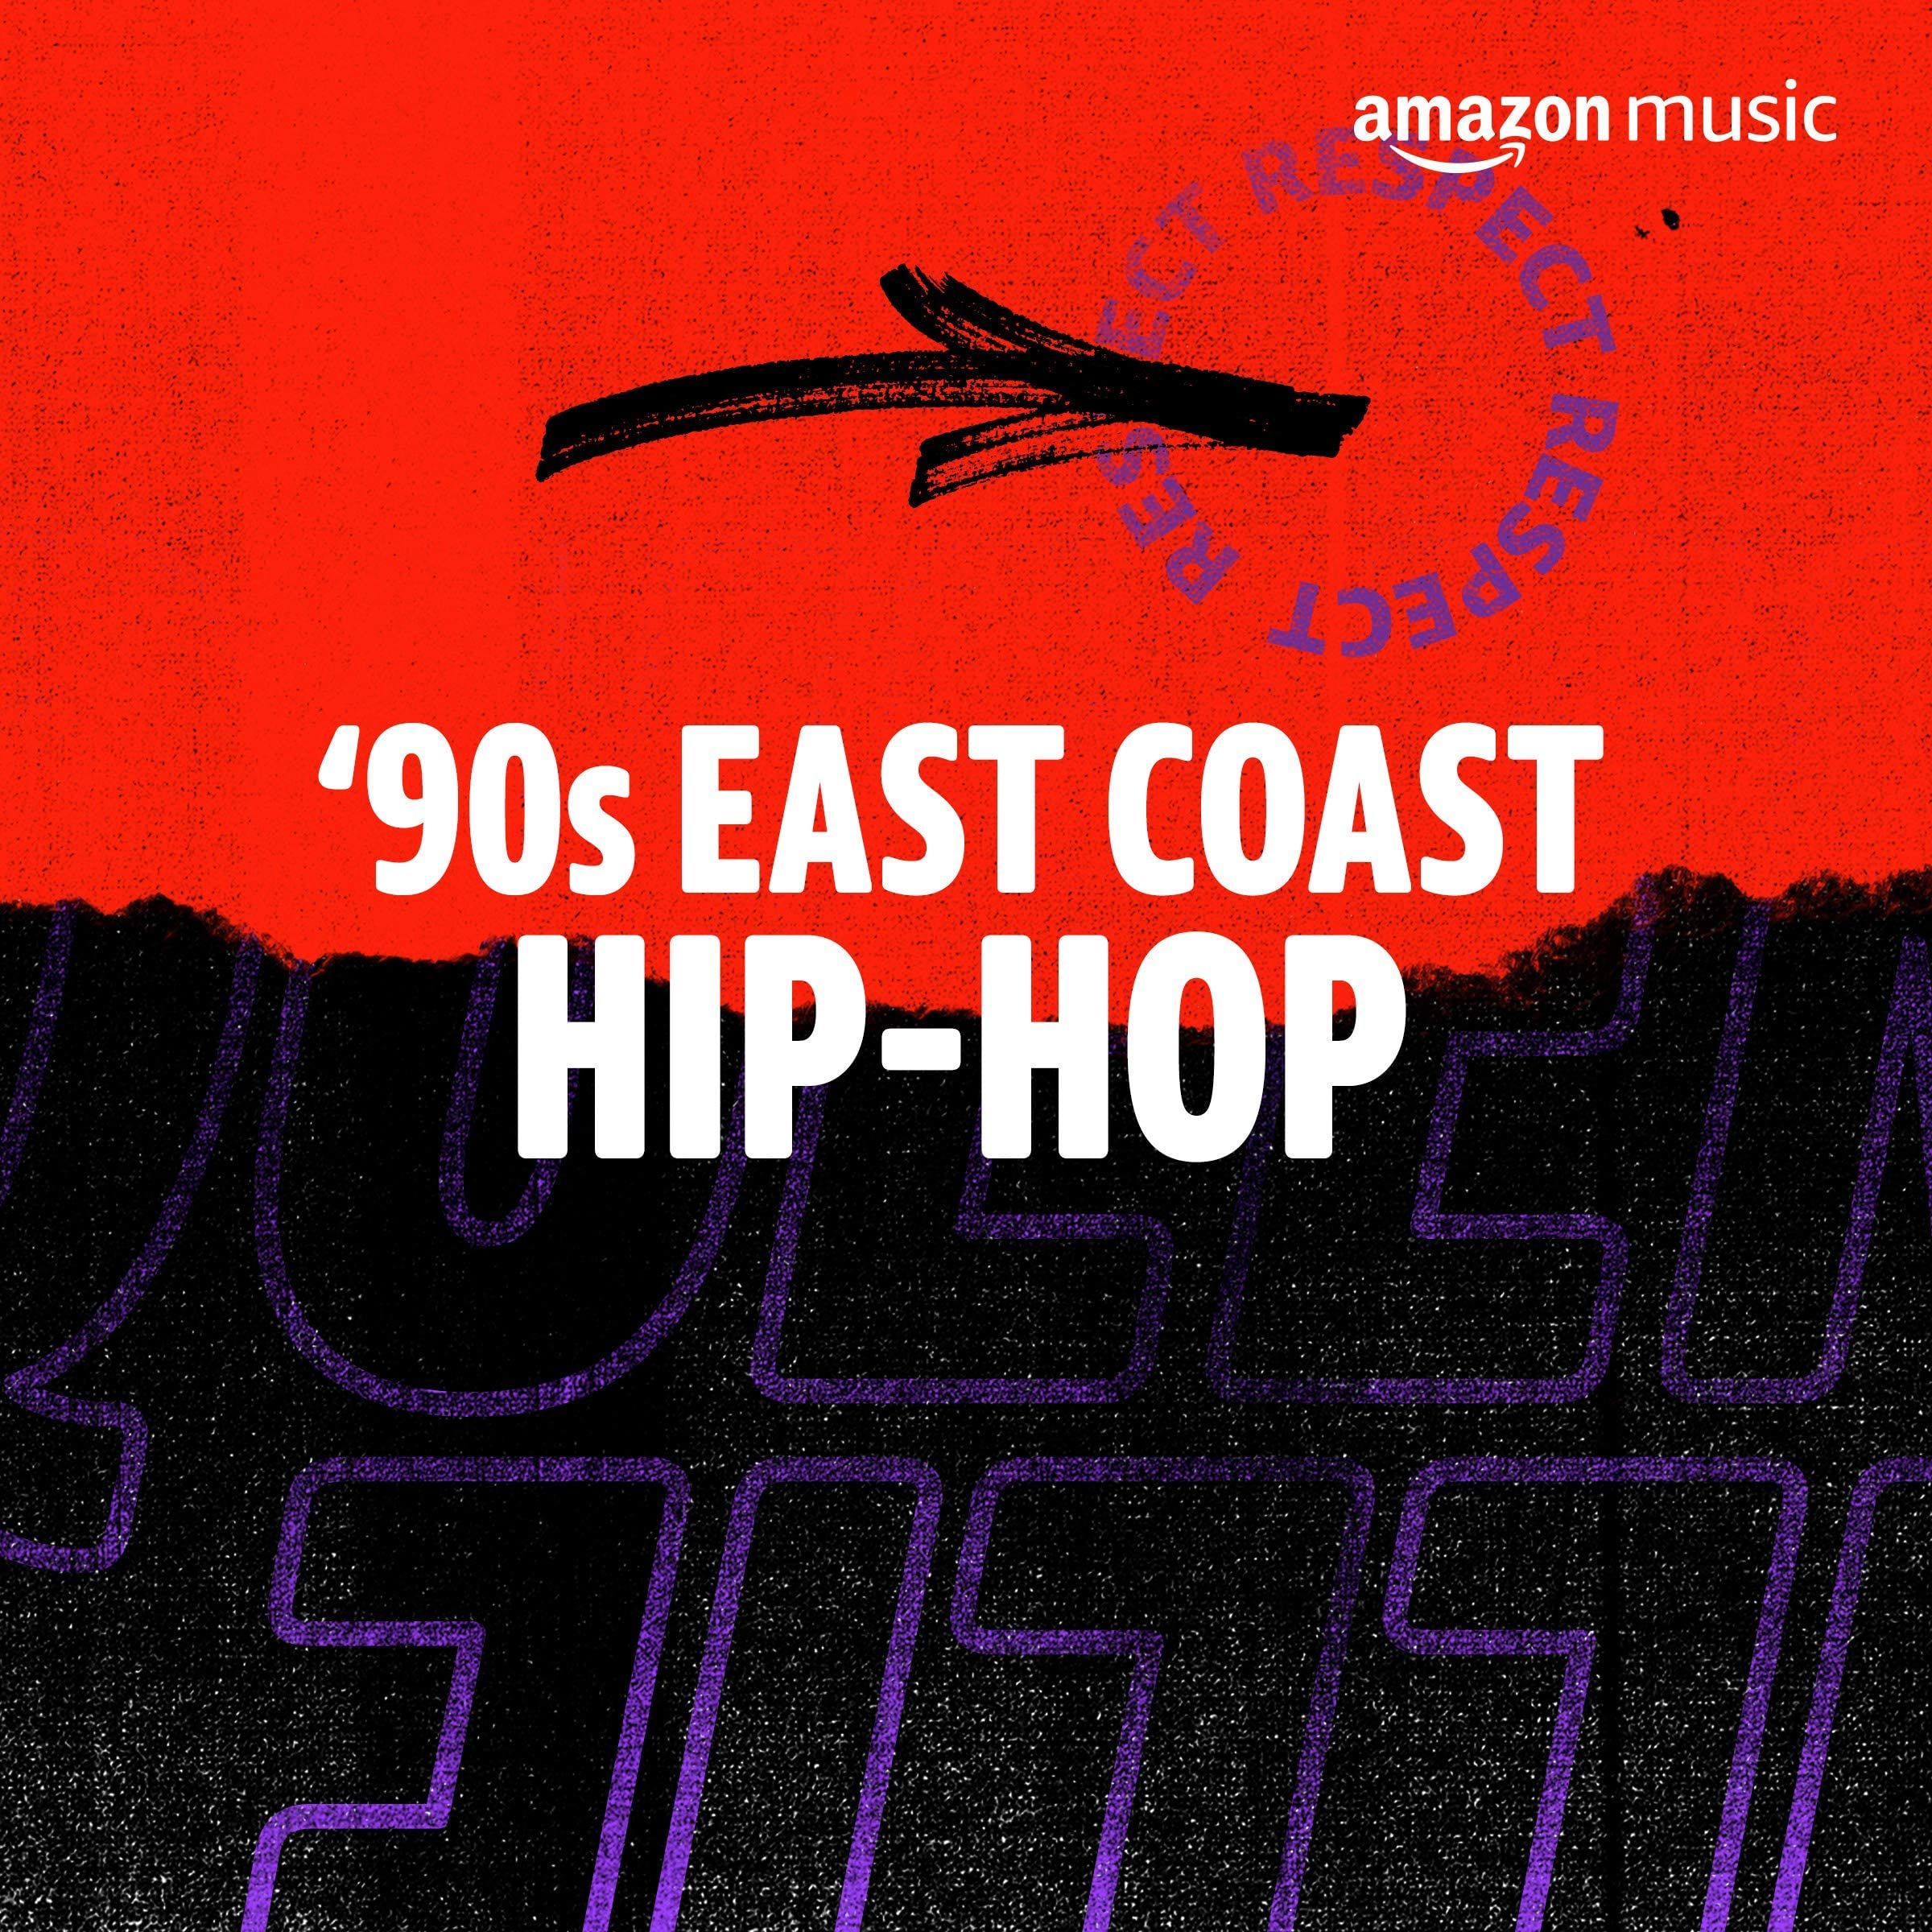 '90s East Coast Hip-Hop